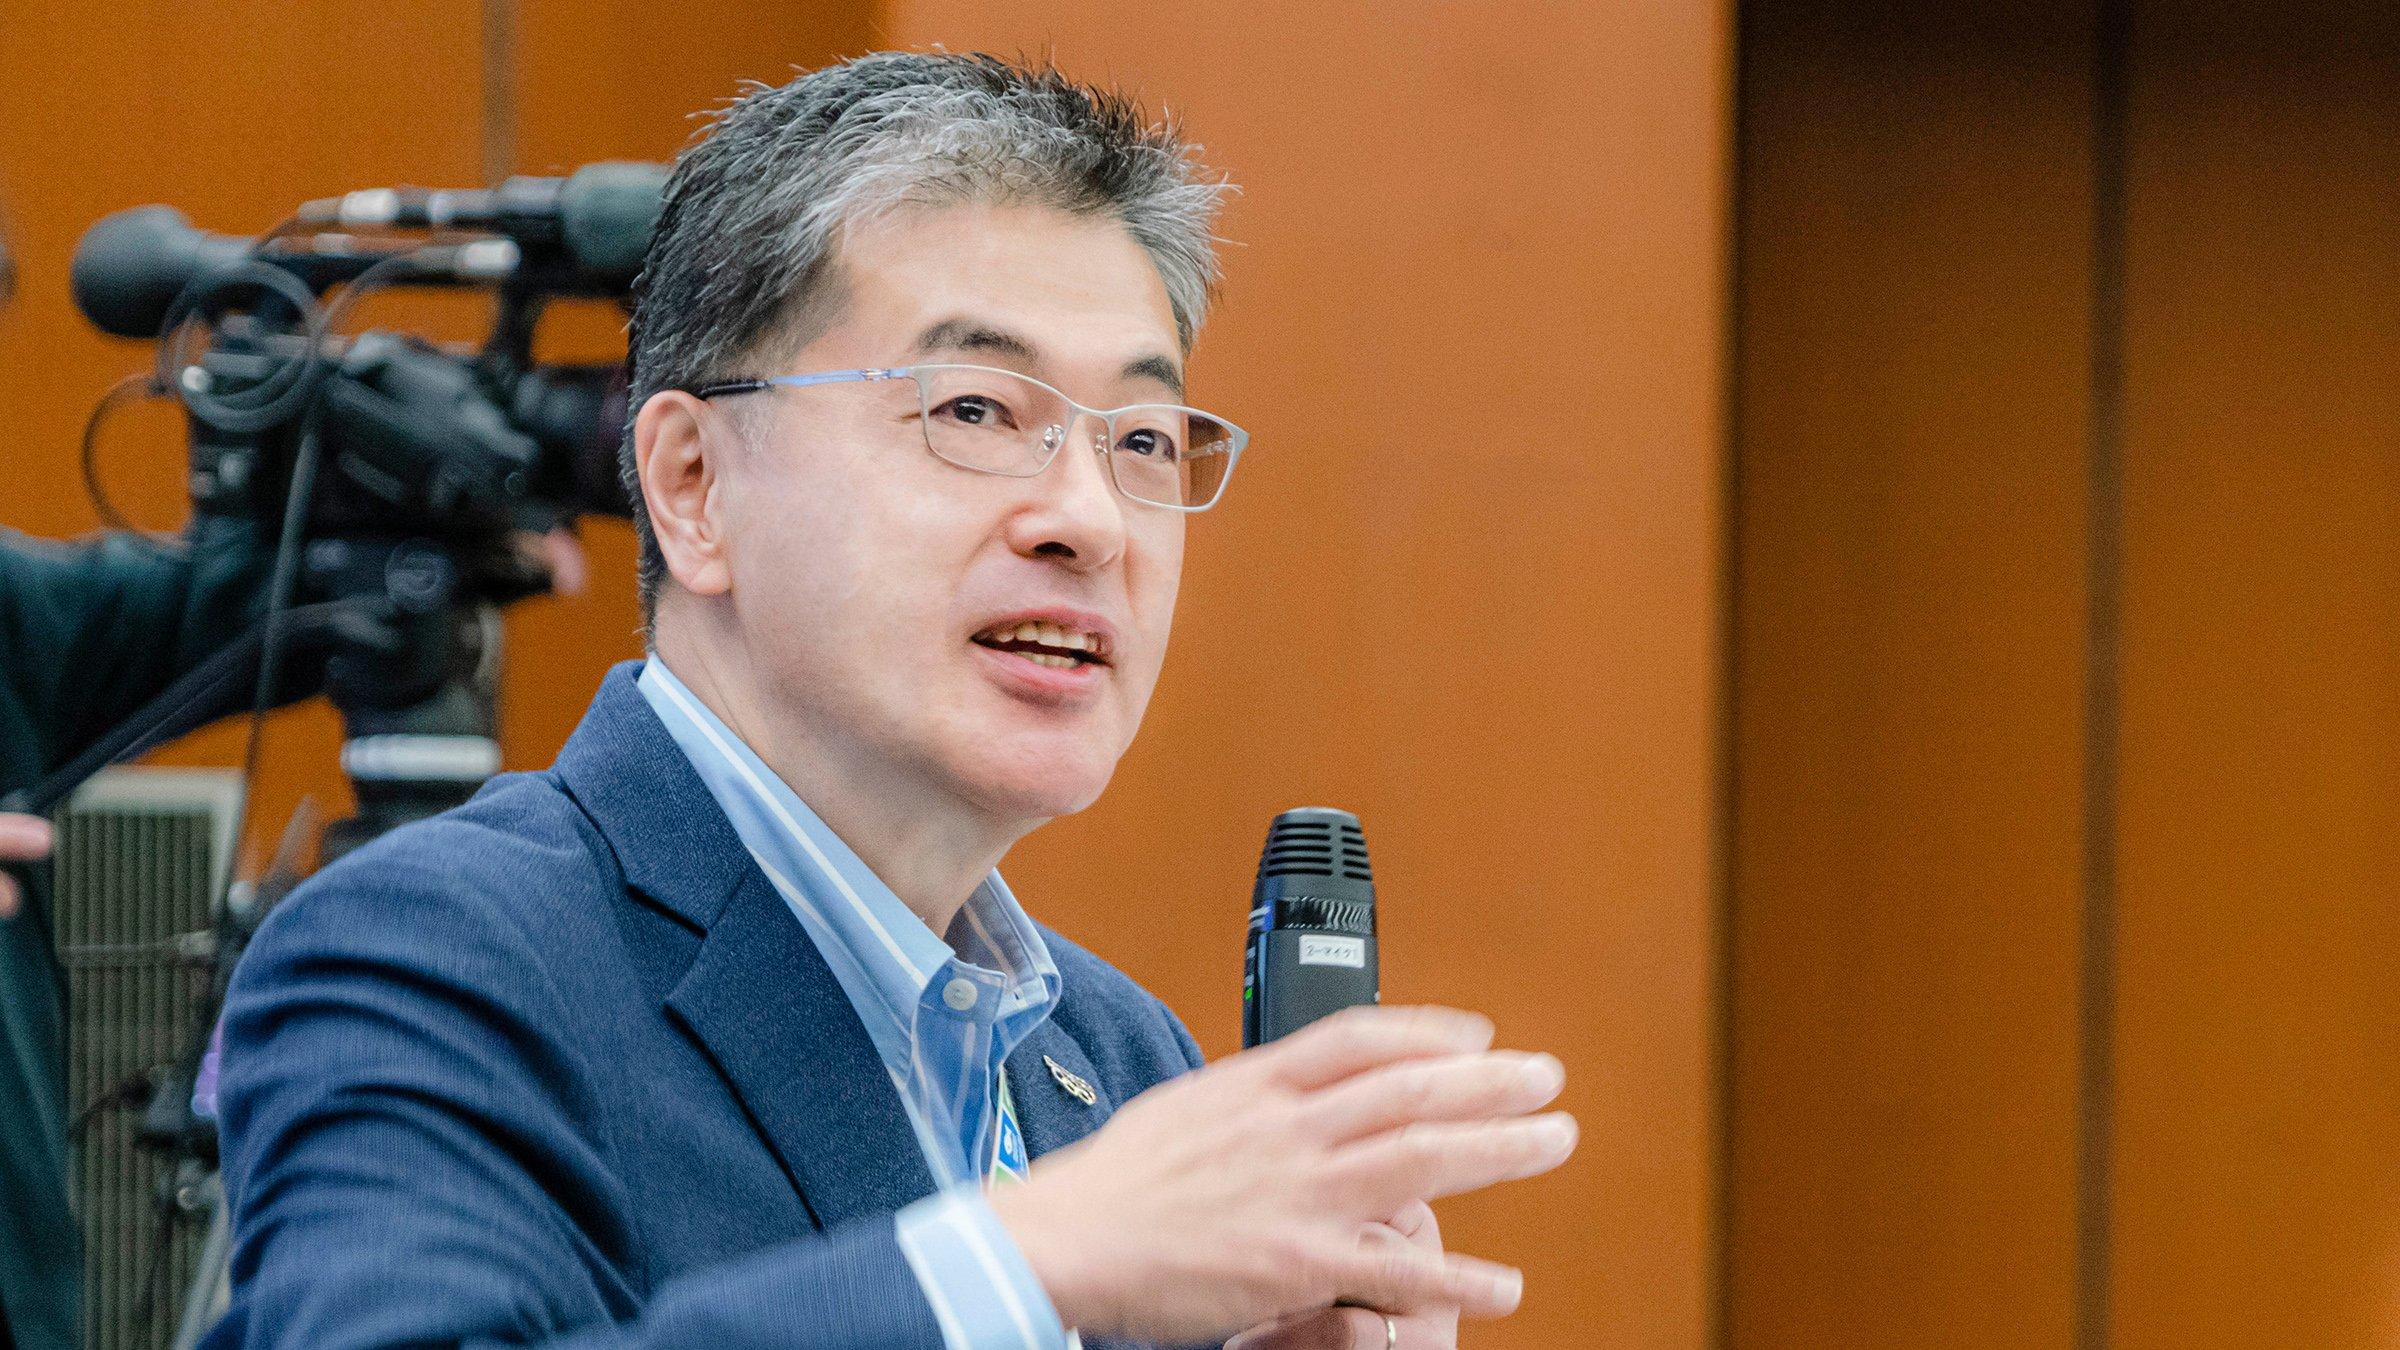 楠見CEO始動 新入社員へ示した、パナソニックの「これから」